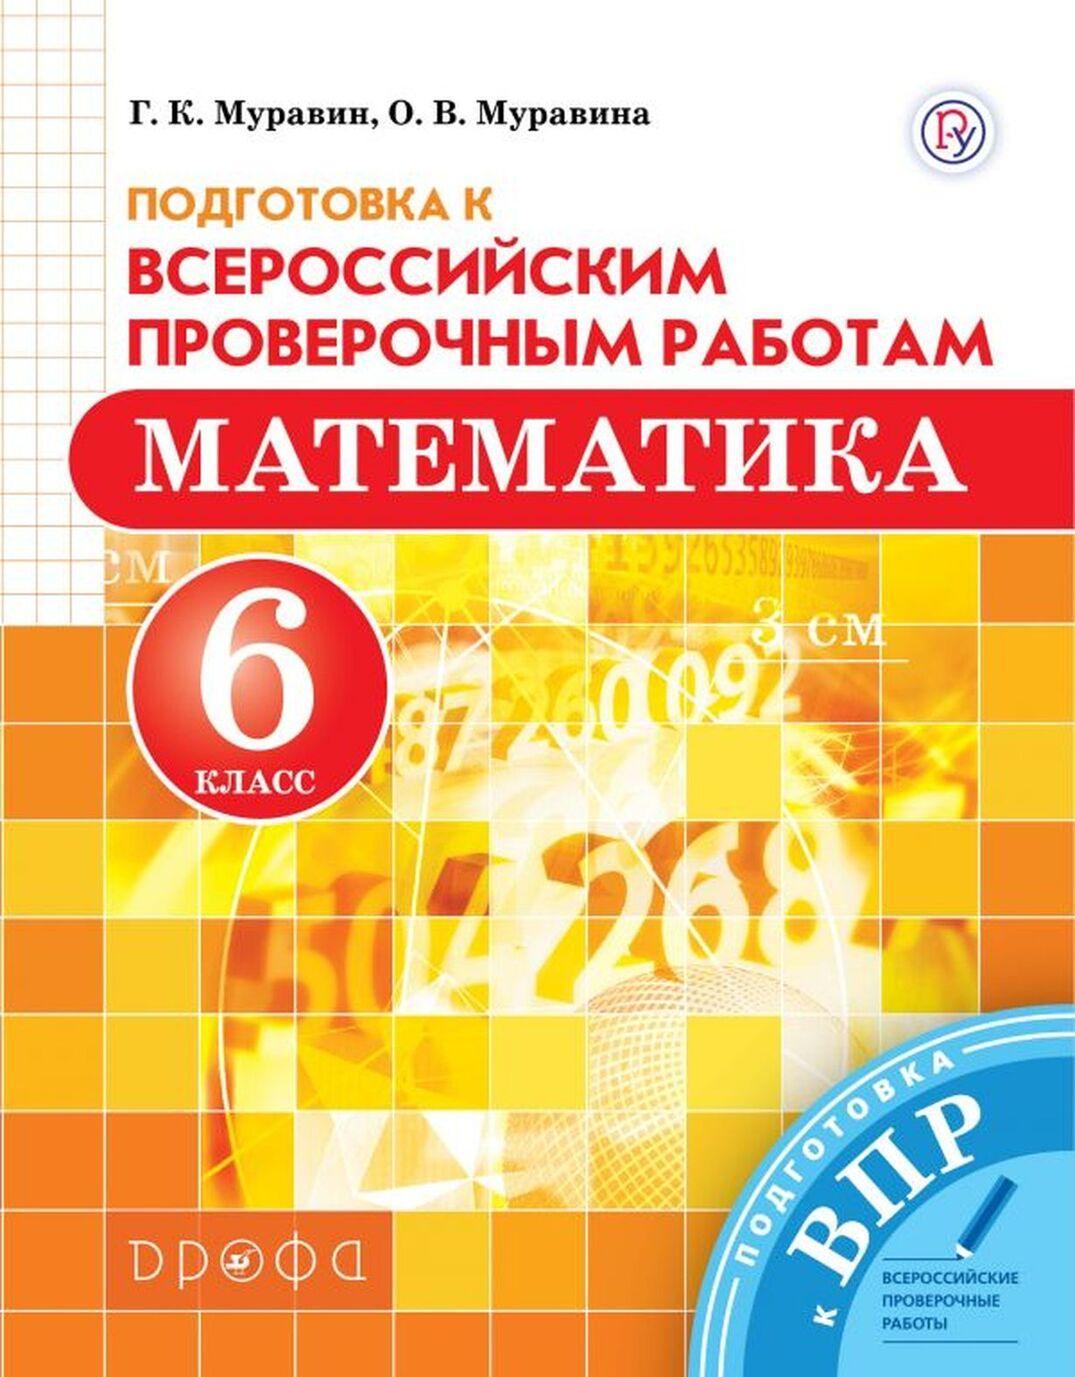 Matematika. 6 klass. Podgotovka k Vserossijskim proverochnym rabotam | Muravin Georgij Konstantinovich, Muravina Olga Viktorovna